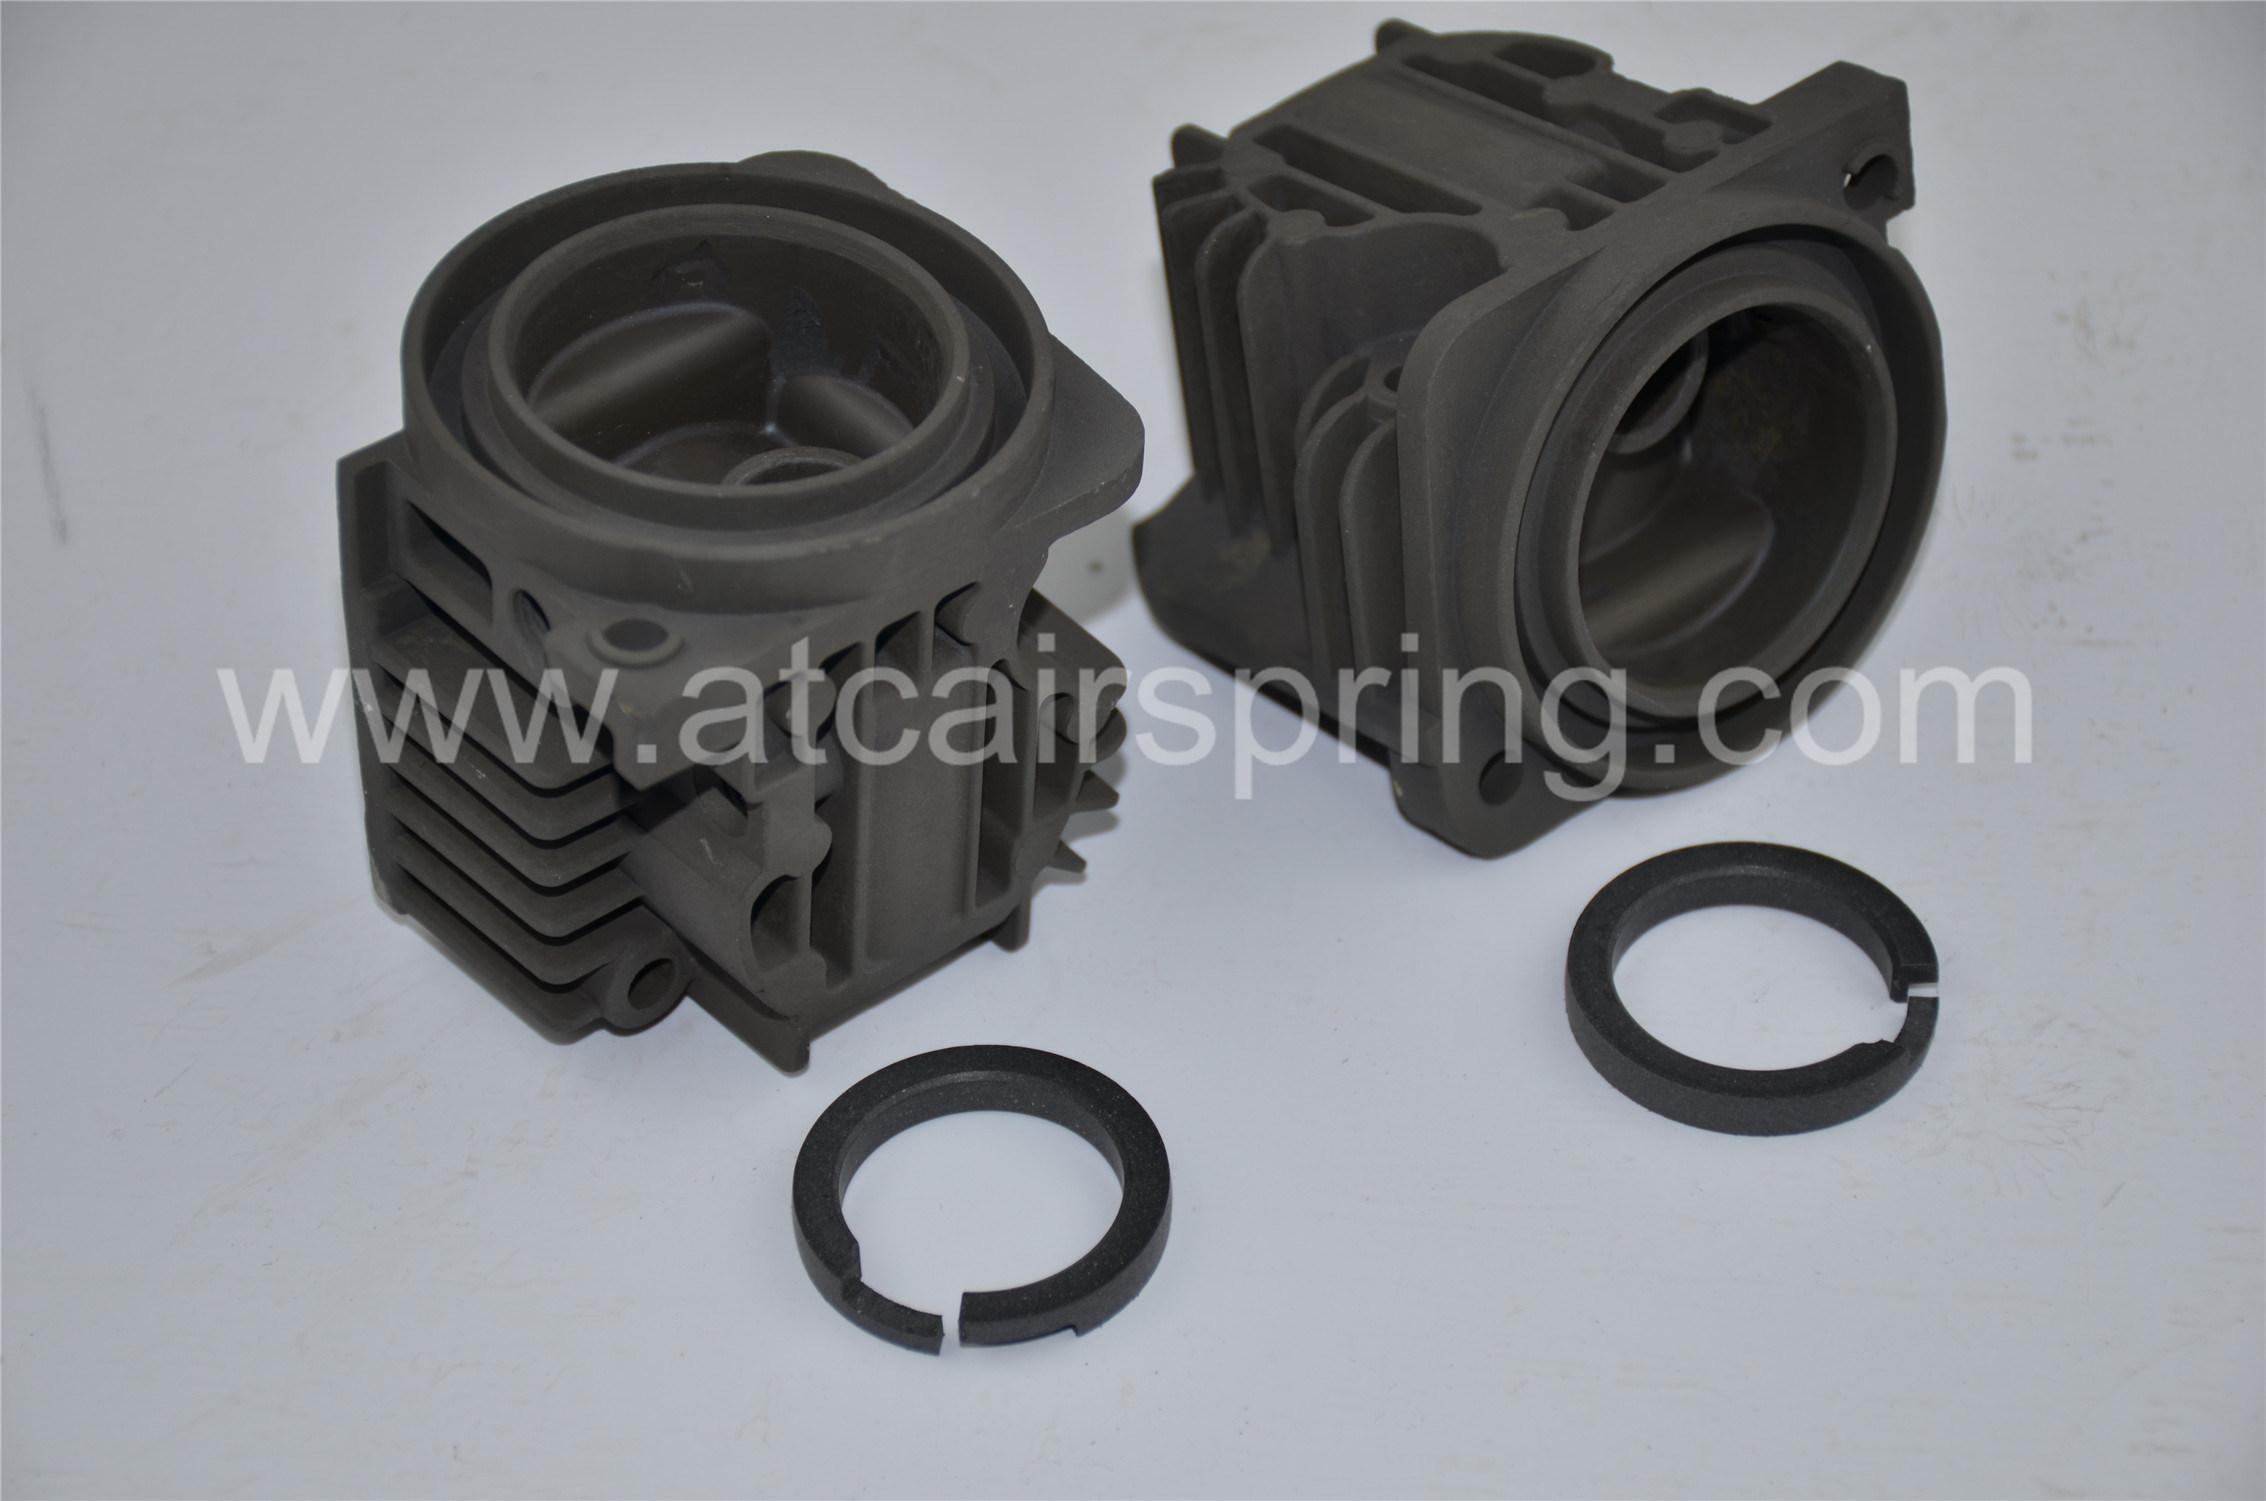 W220 W211 A8 F07 E66 E53 Air Compressor Piston Ring